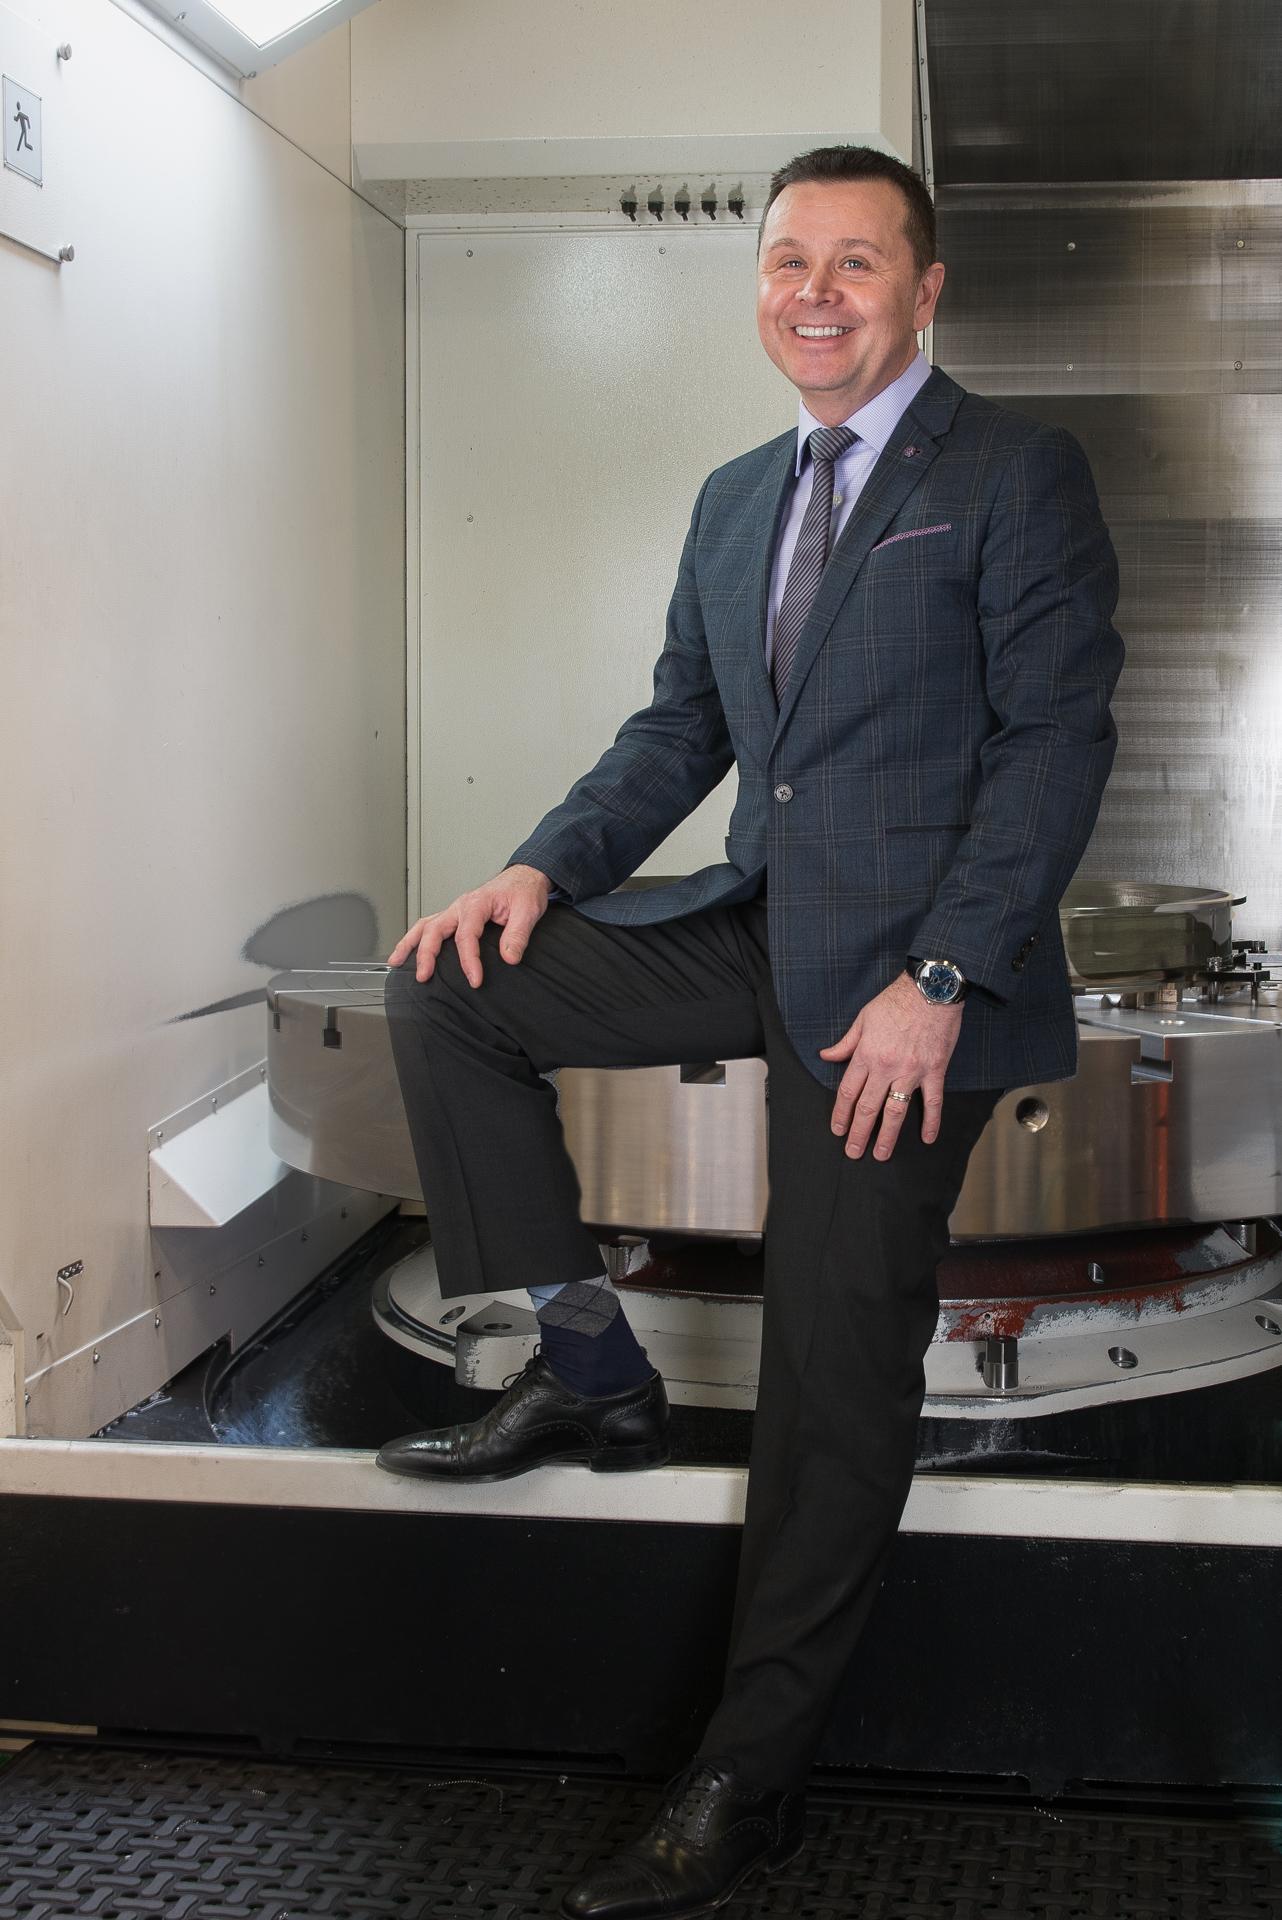 Chris Galik and 5-axis workcenter